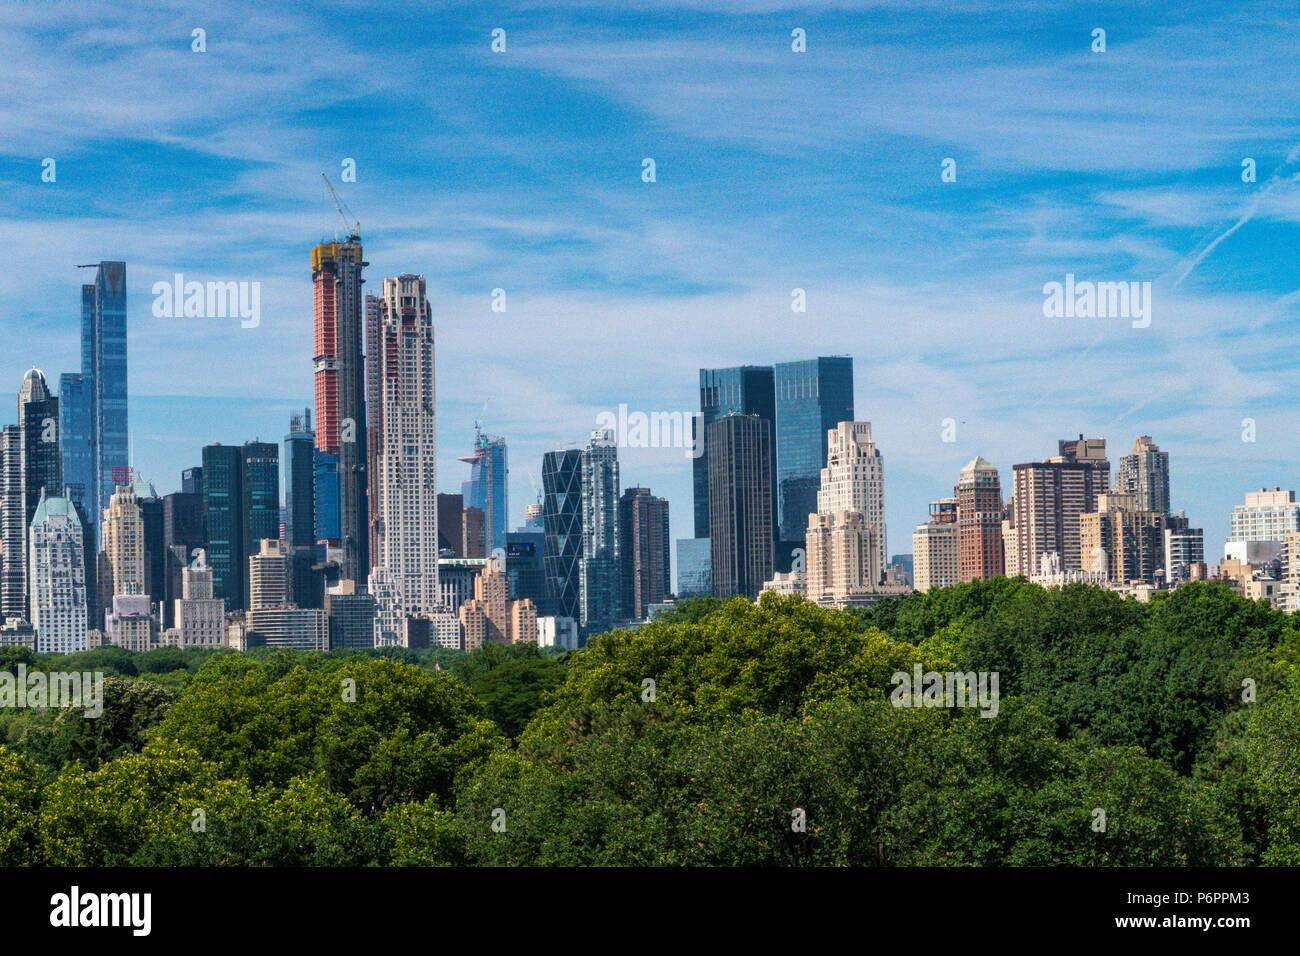 Skyline von New York mit Central Park im Vordergrund, NYC, USA Stockbild